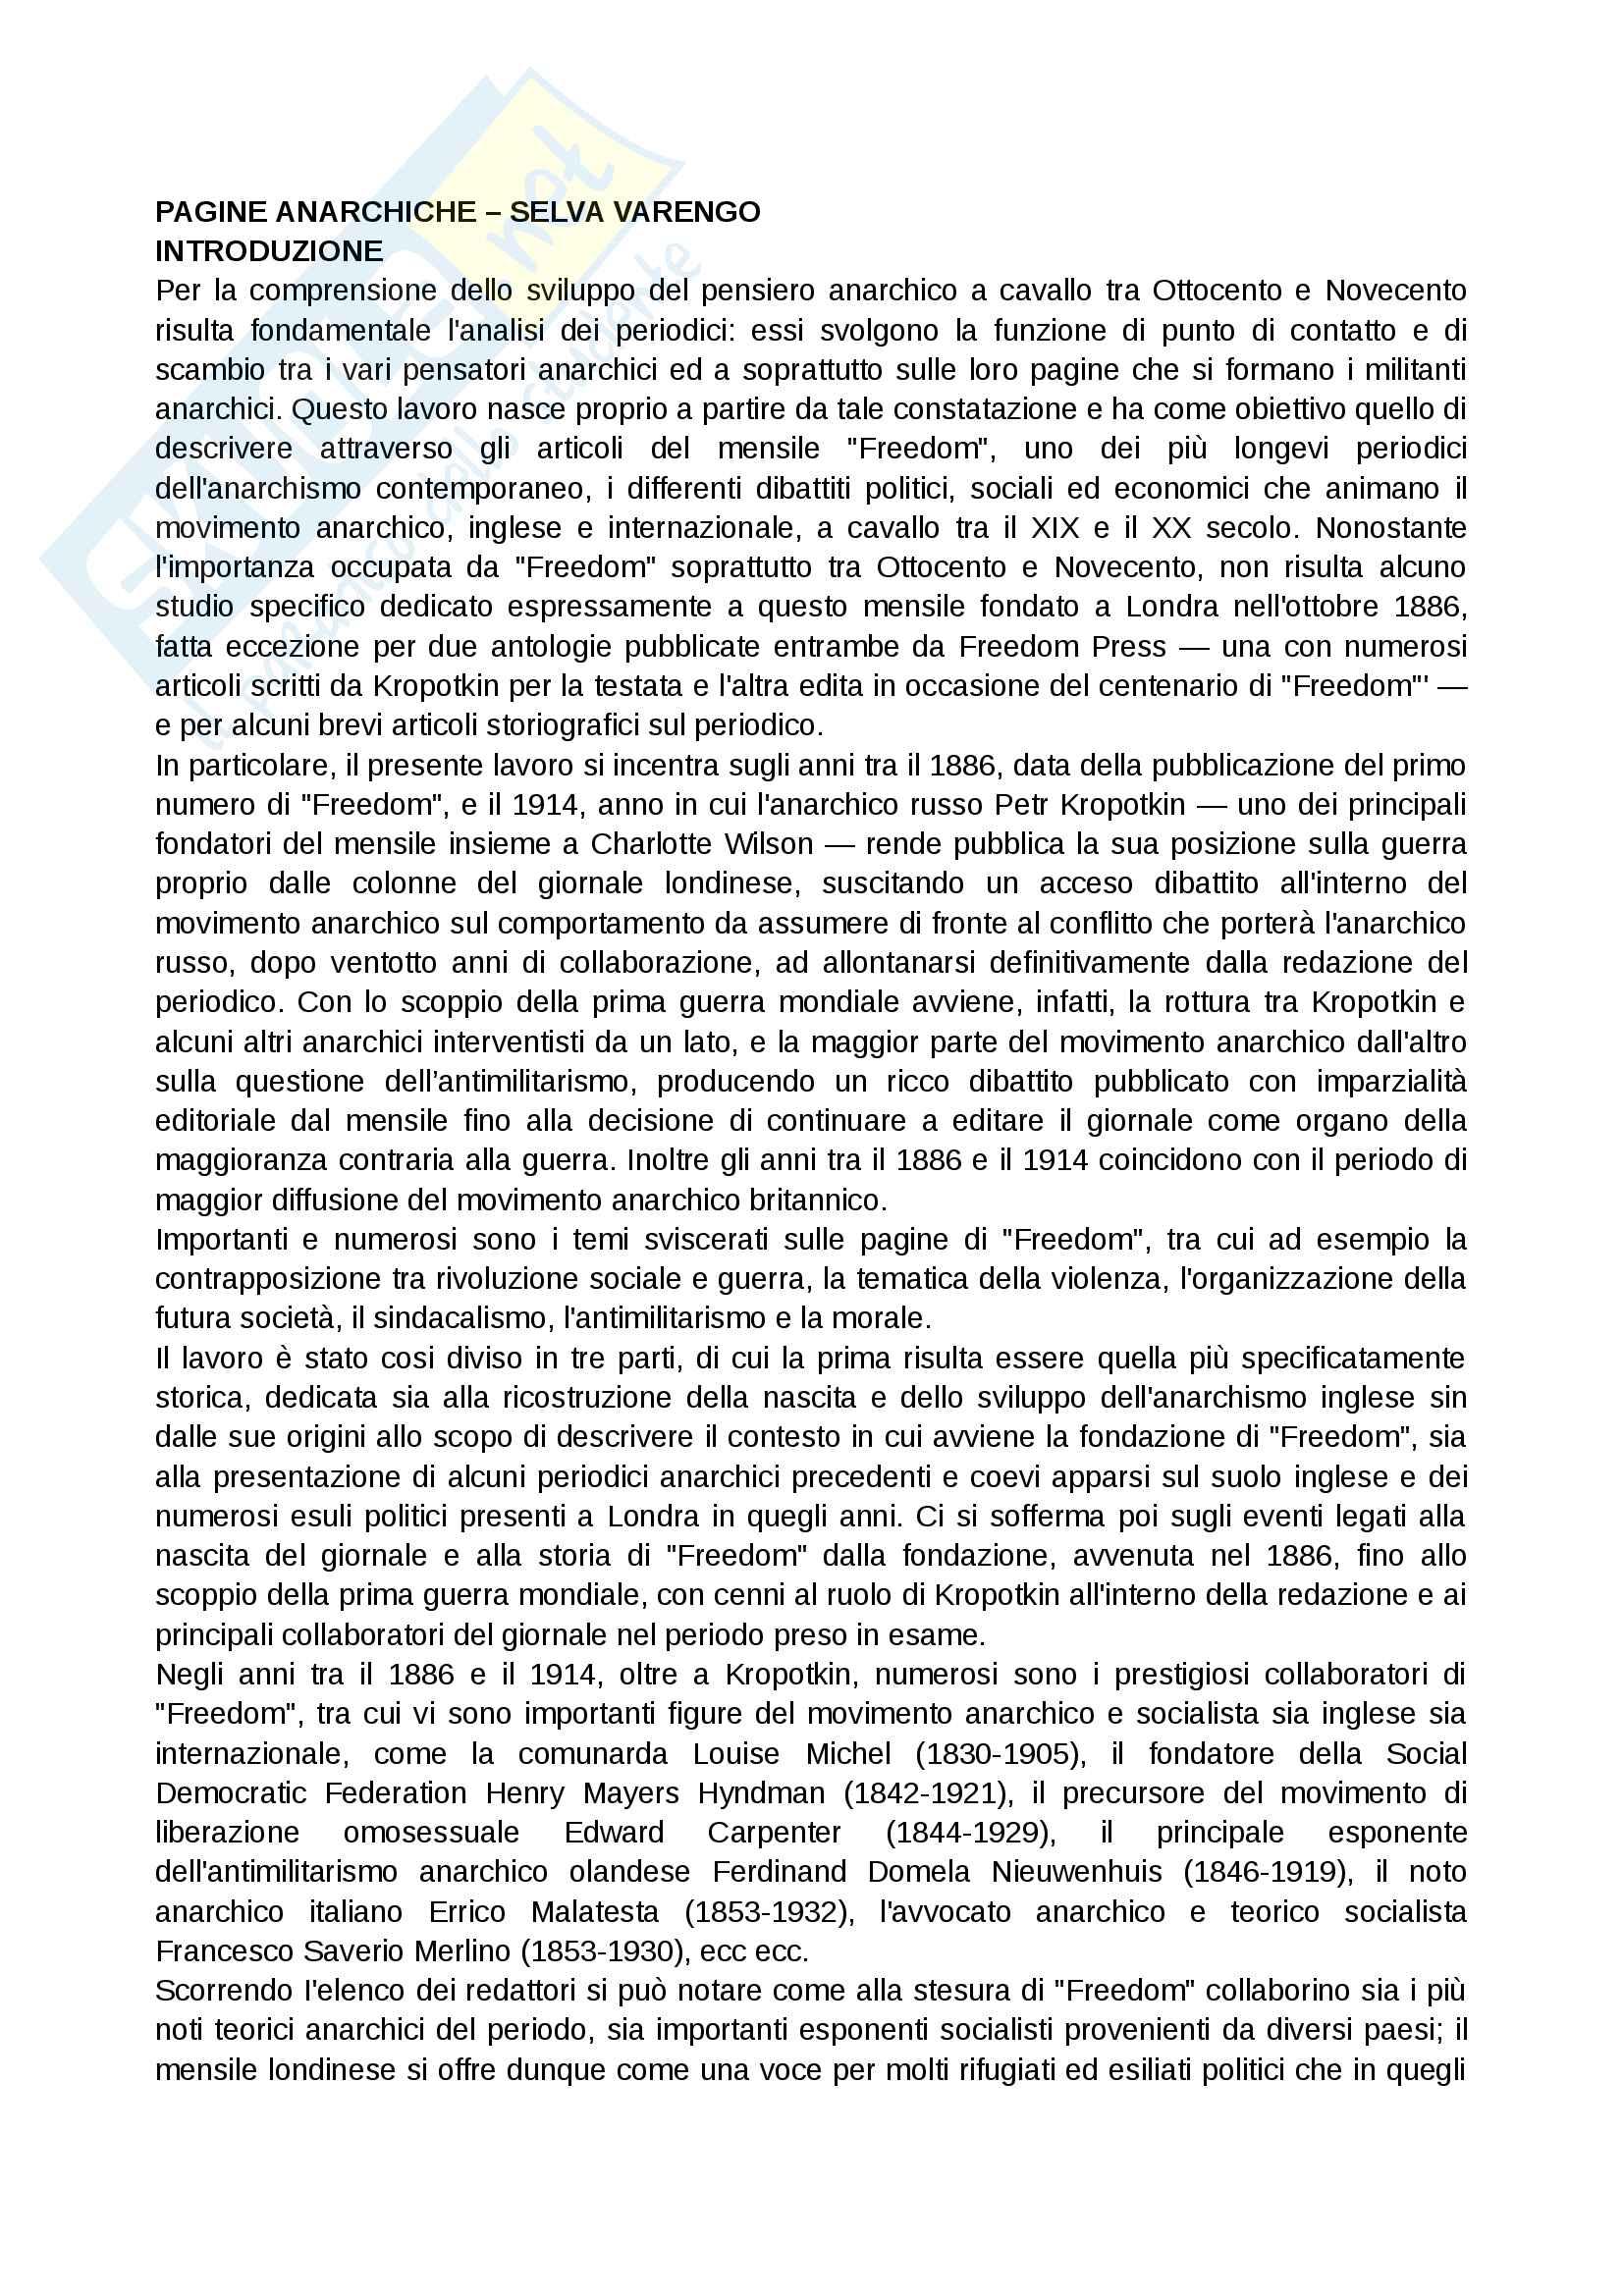 Riassunto esame Storia delle dottrine politiche, prof. Del Corno, libro consigliato: Pagine anarchiche di Selva Varengo